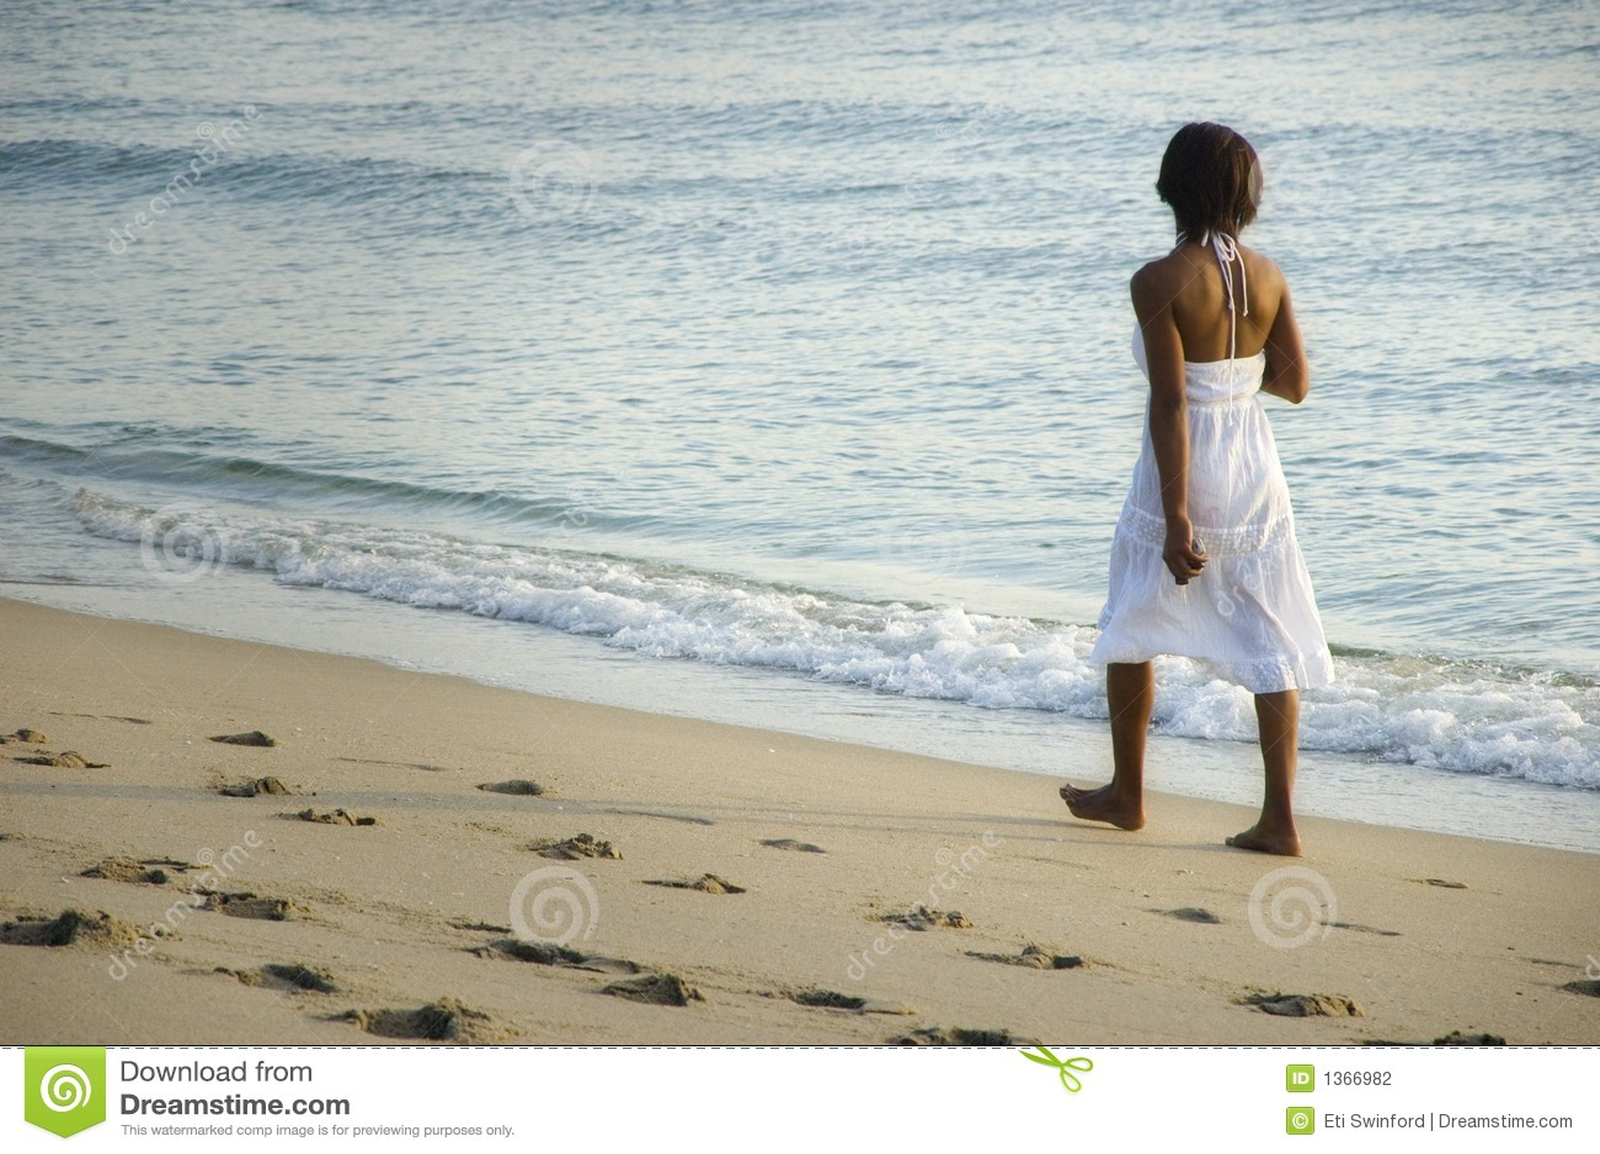 Femme sur la plage.